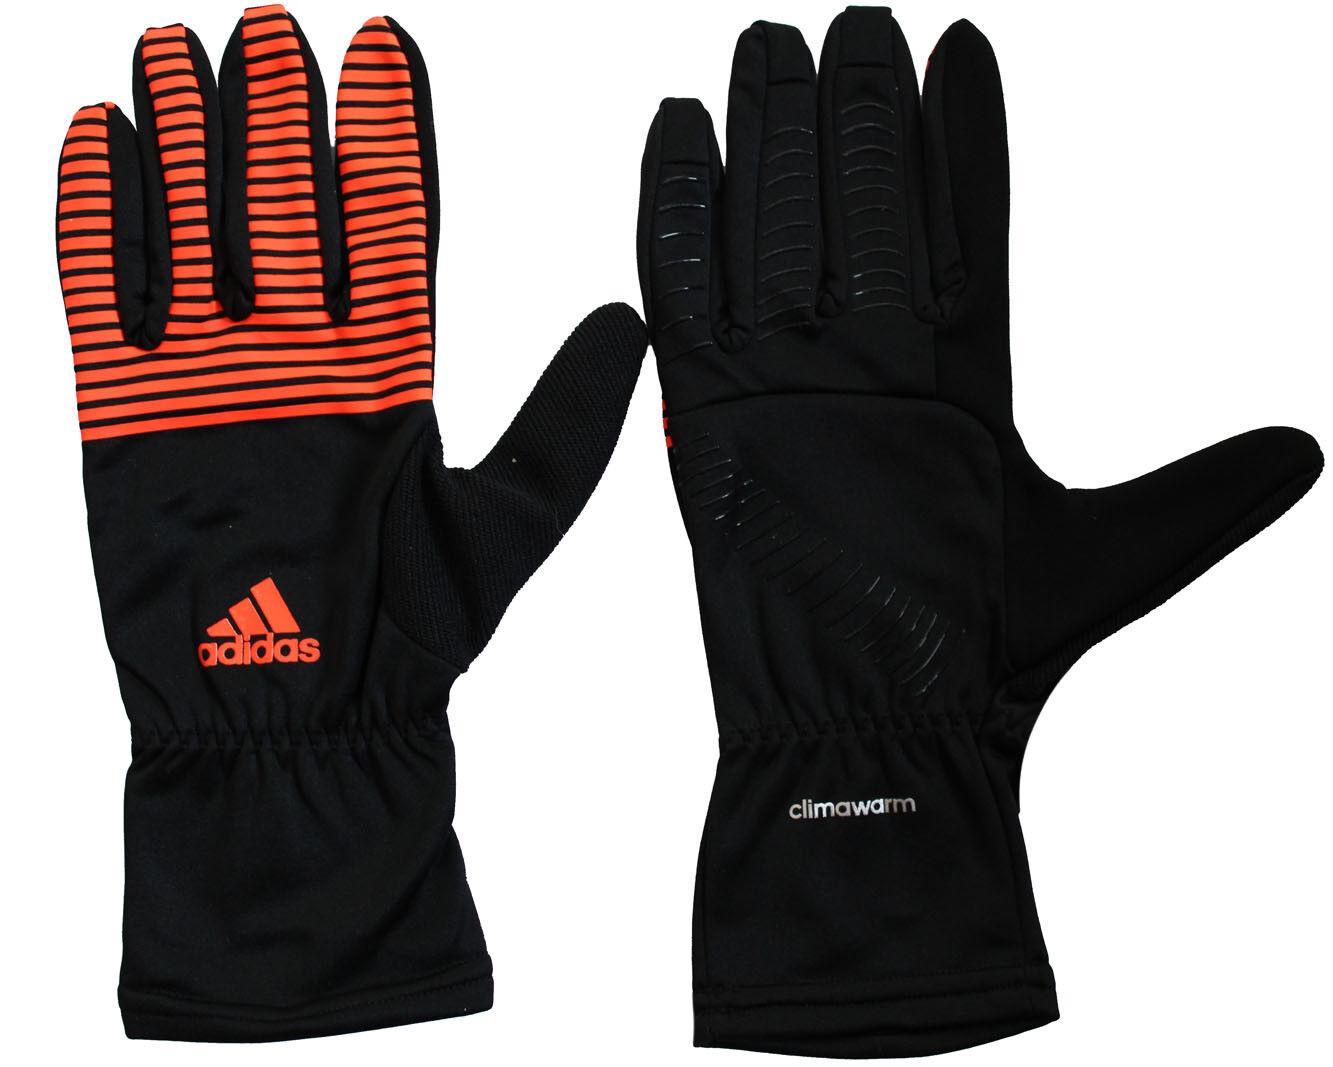 Adidas Run CLMWM GLO Herren Running Handschuhe XL climawarm Touchscreen comp NEU